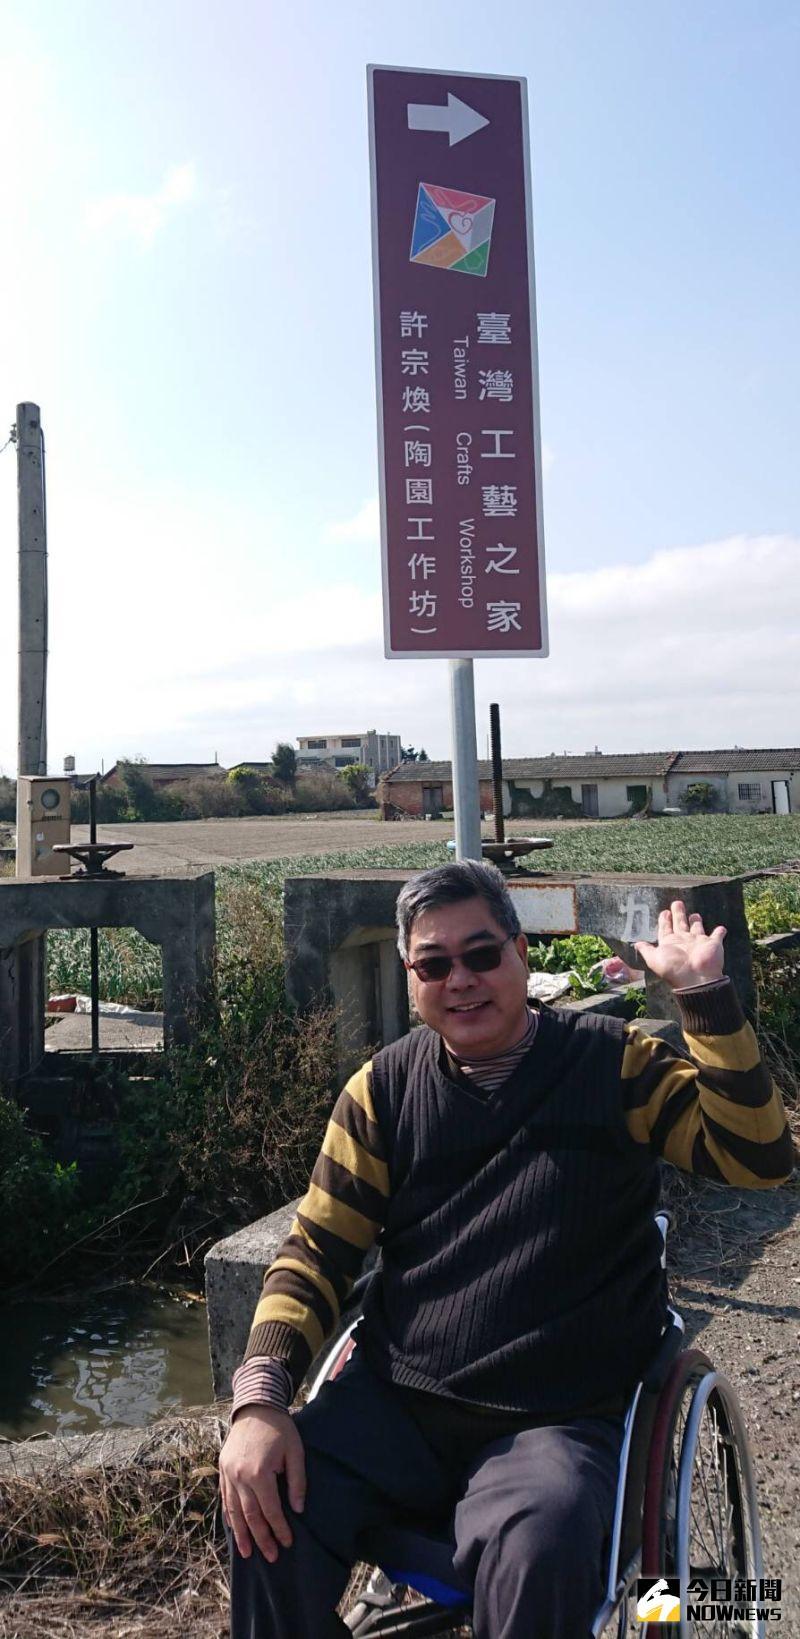 ▲「臺灣工藝之家道路交通指示標誌」,引導遊客能更快速的找到縣內的16位臺灣工藝之家。(圖/記者陳雅芳攝,2021.01.09)